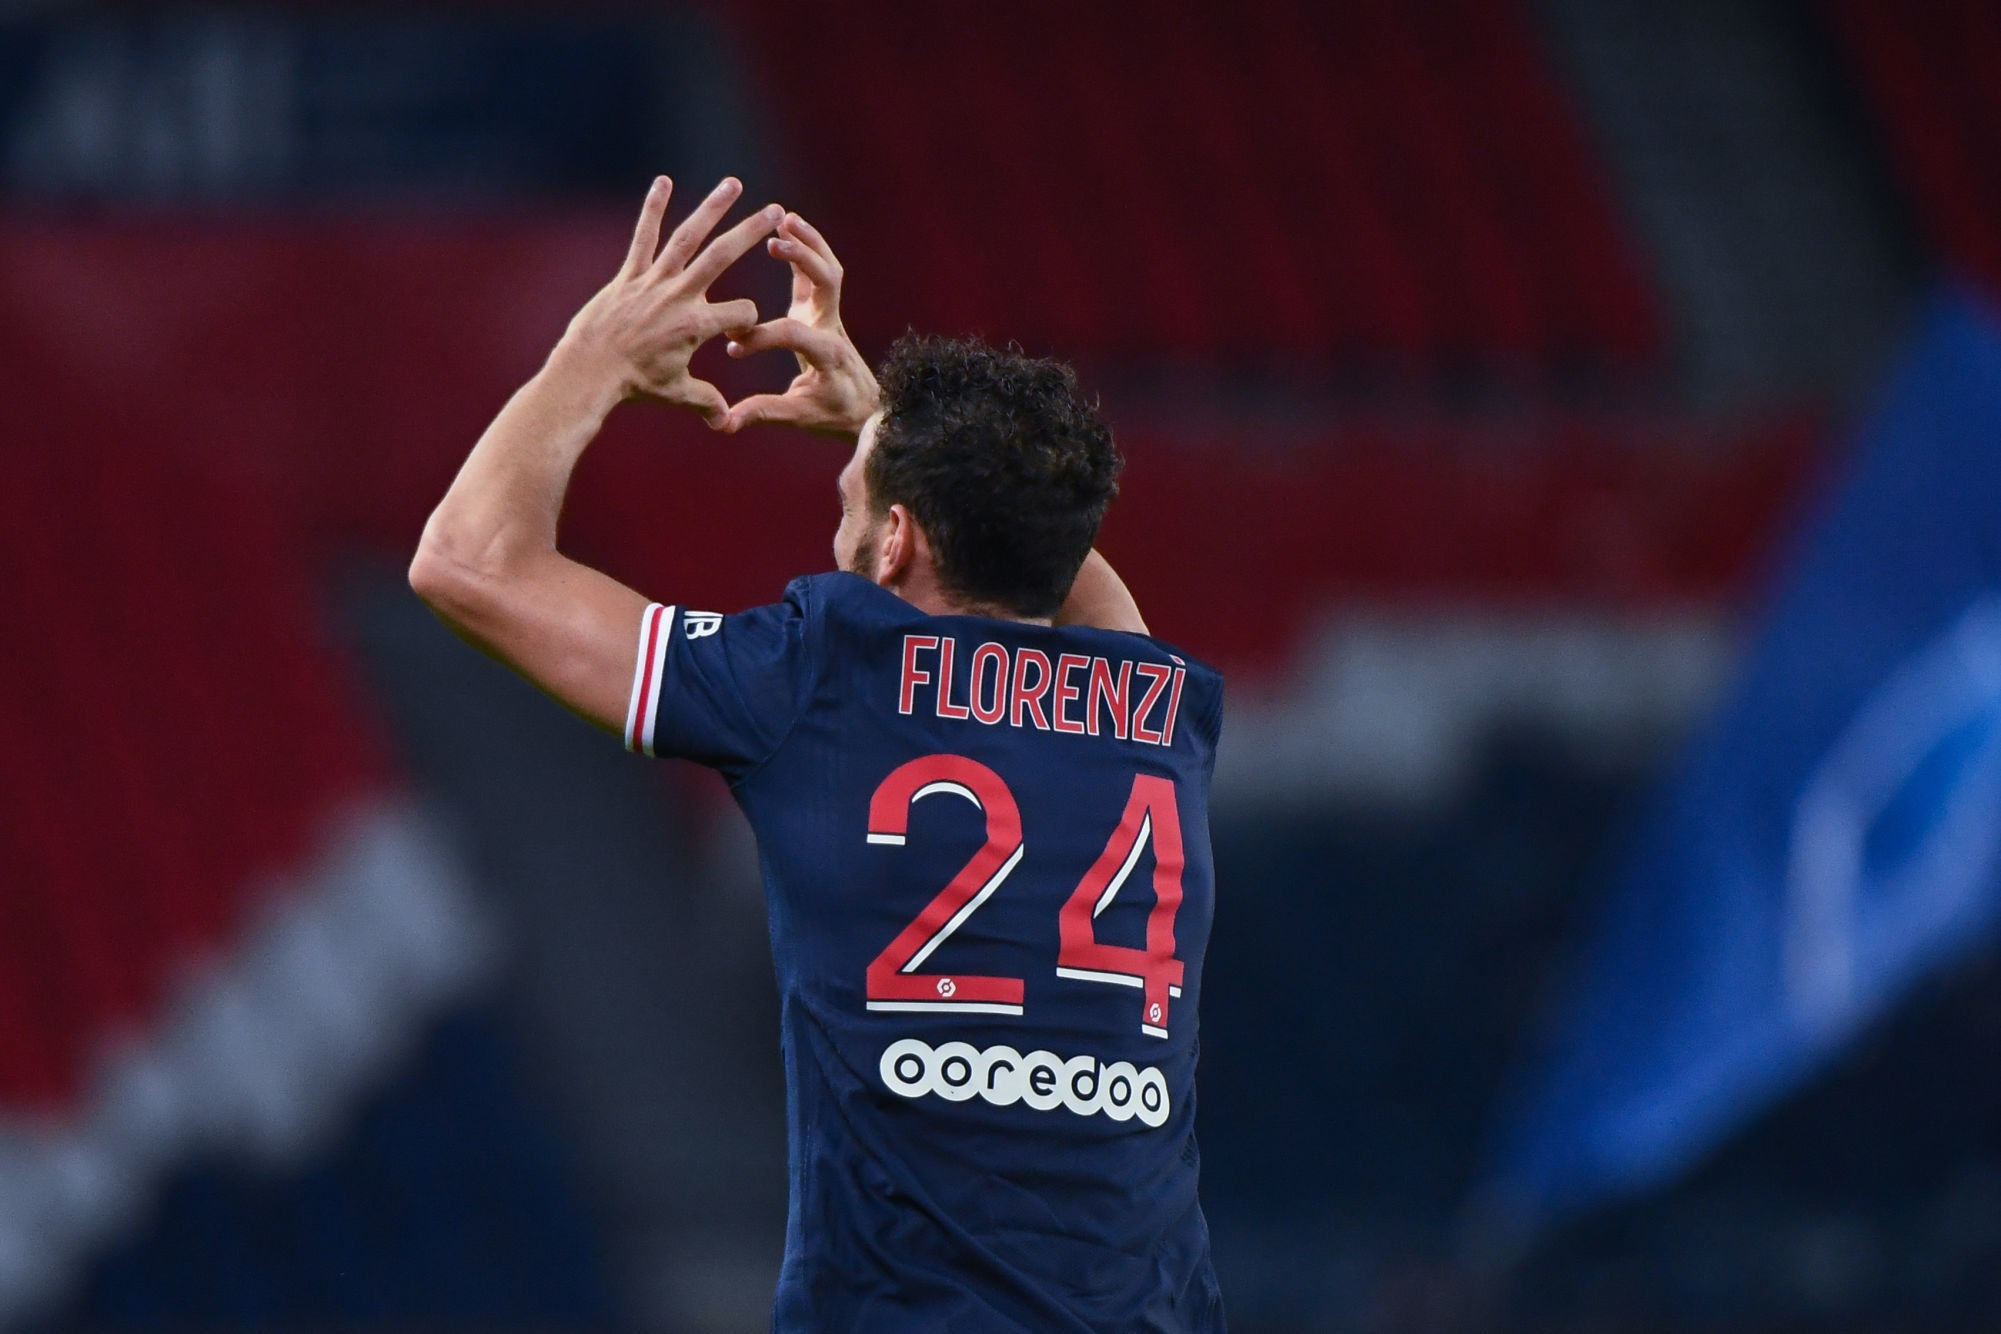 """Mercato - Le PSG """"pense déjà à lever l'option d'achat"""" pour Florenzi, indique le CDS"""